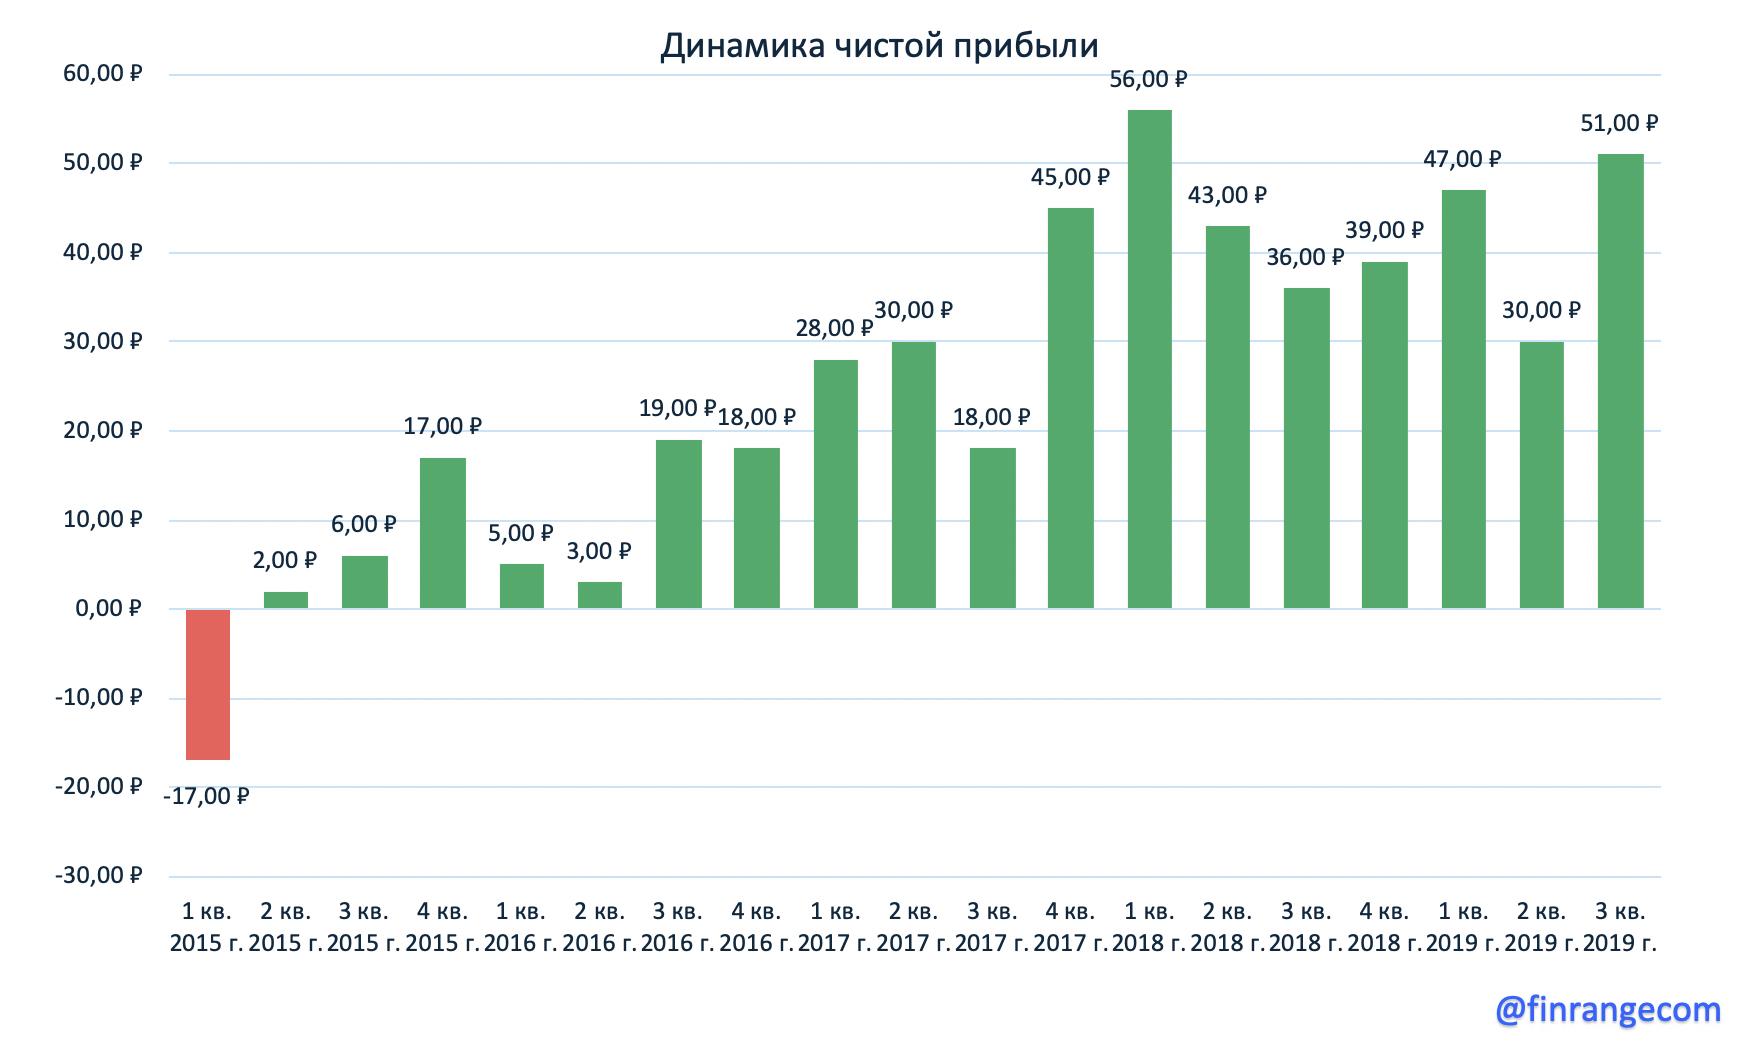 ВТБ: Финансовые результаты за 9 мес. 2019 г. по МСФО. Не теряем оптимизма - цель 200 млрд!